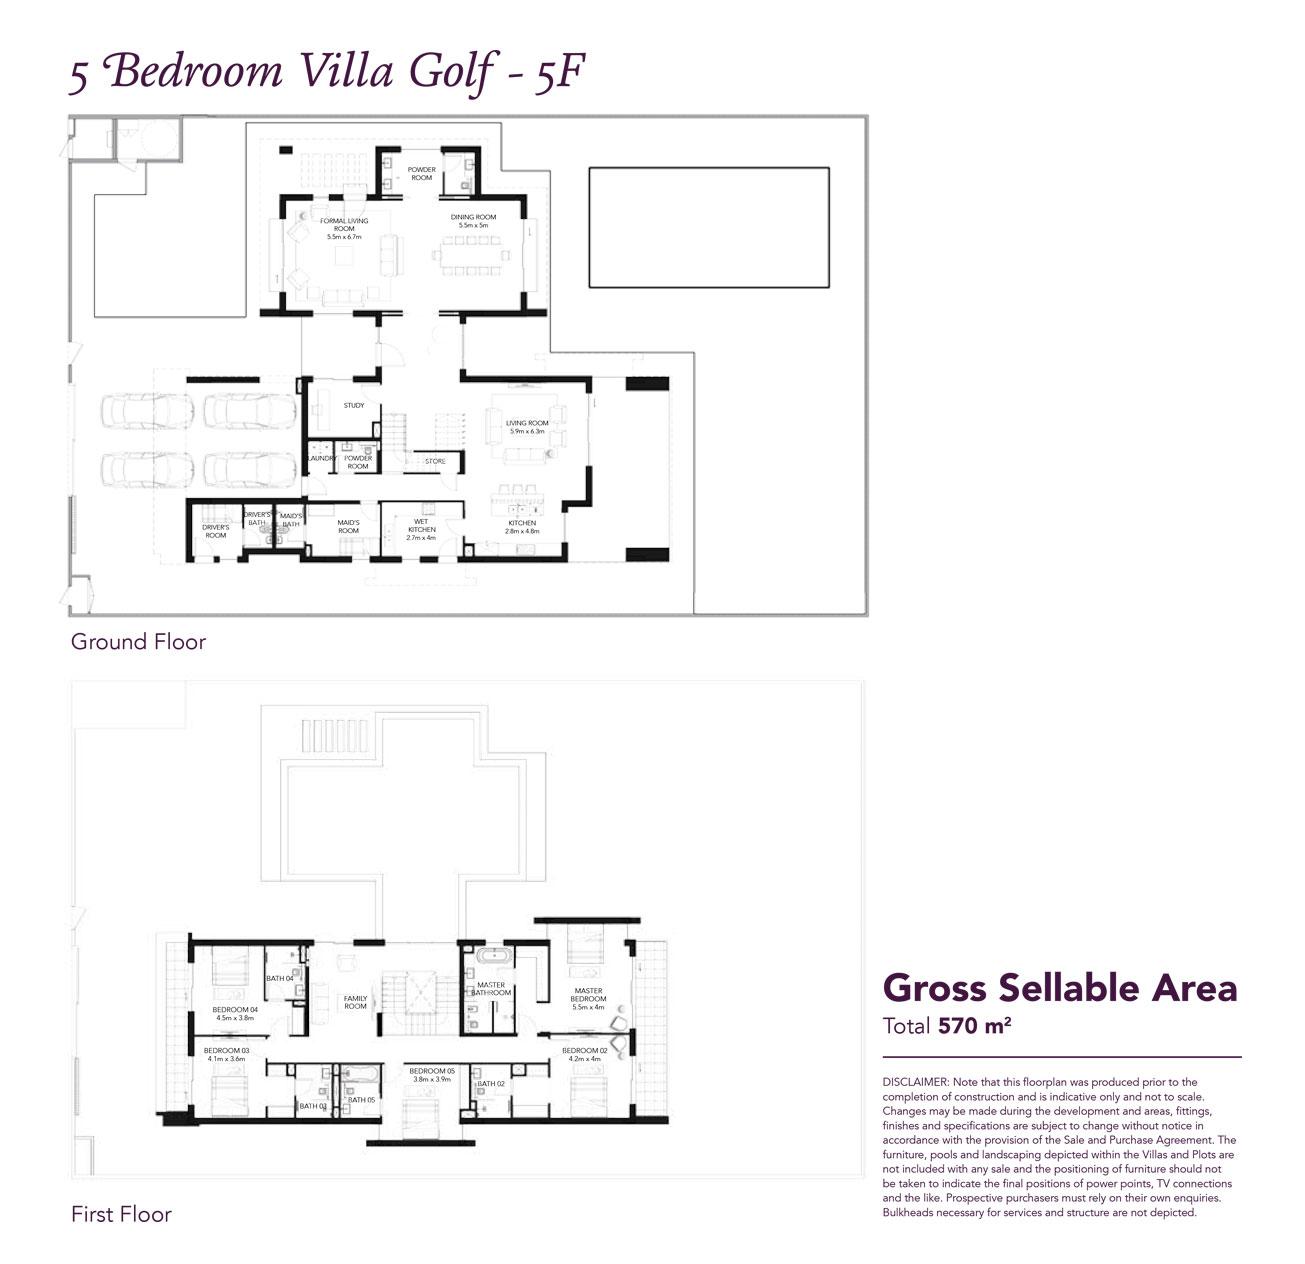 5 Beds Townhouse - Built up area 6,133 SqFt